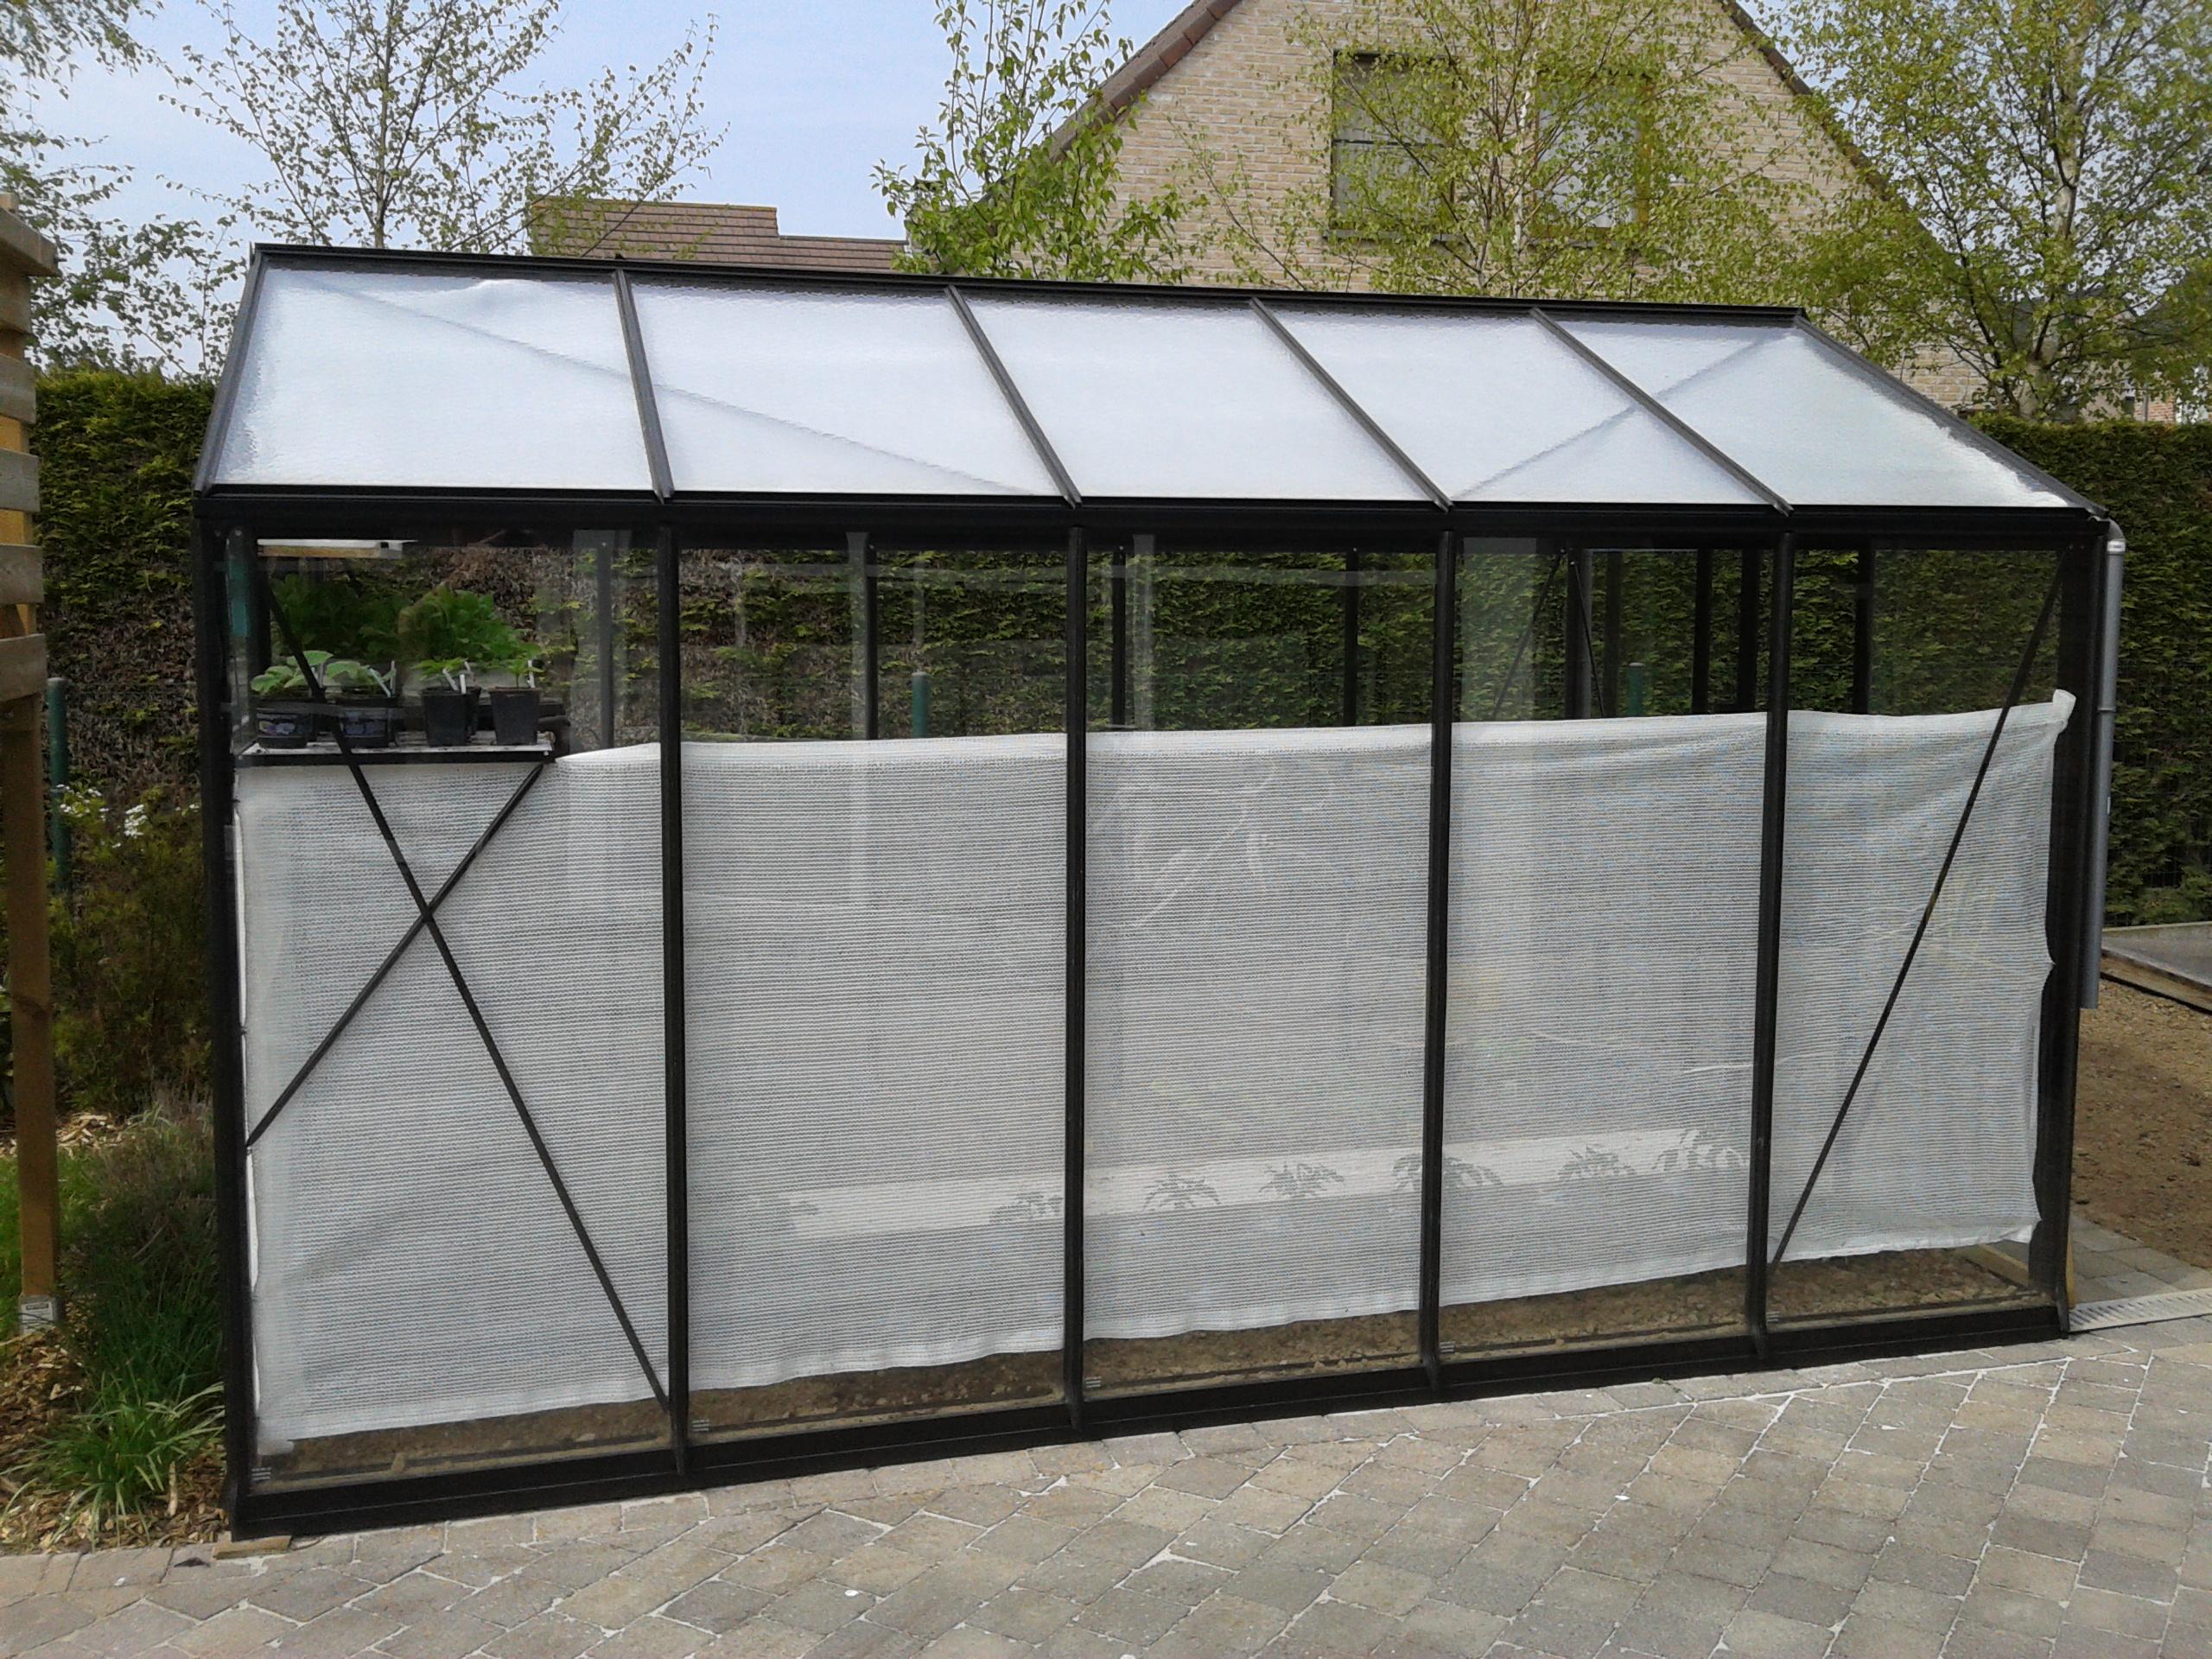 Toile Ombrage Au Metre toile d'ombrage pour serre 1,2 x 5 m acd - mr.bricolage